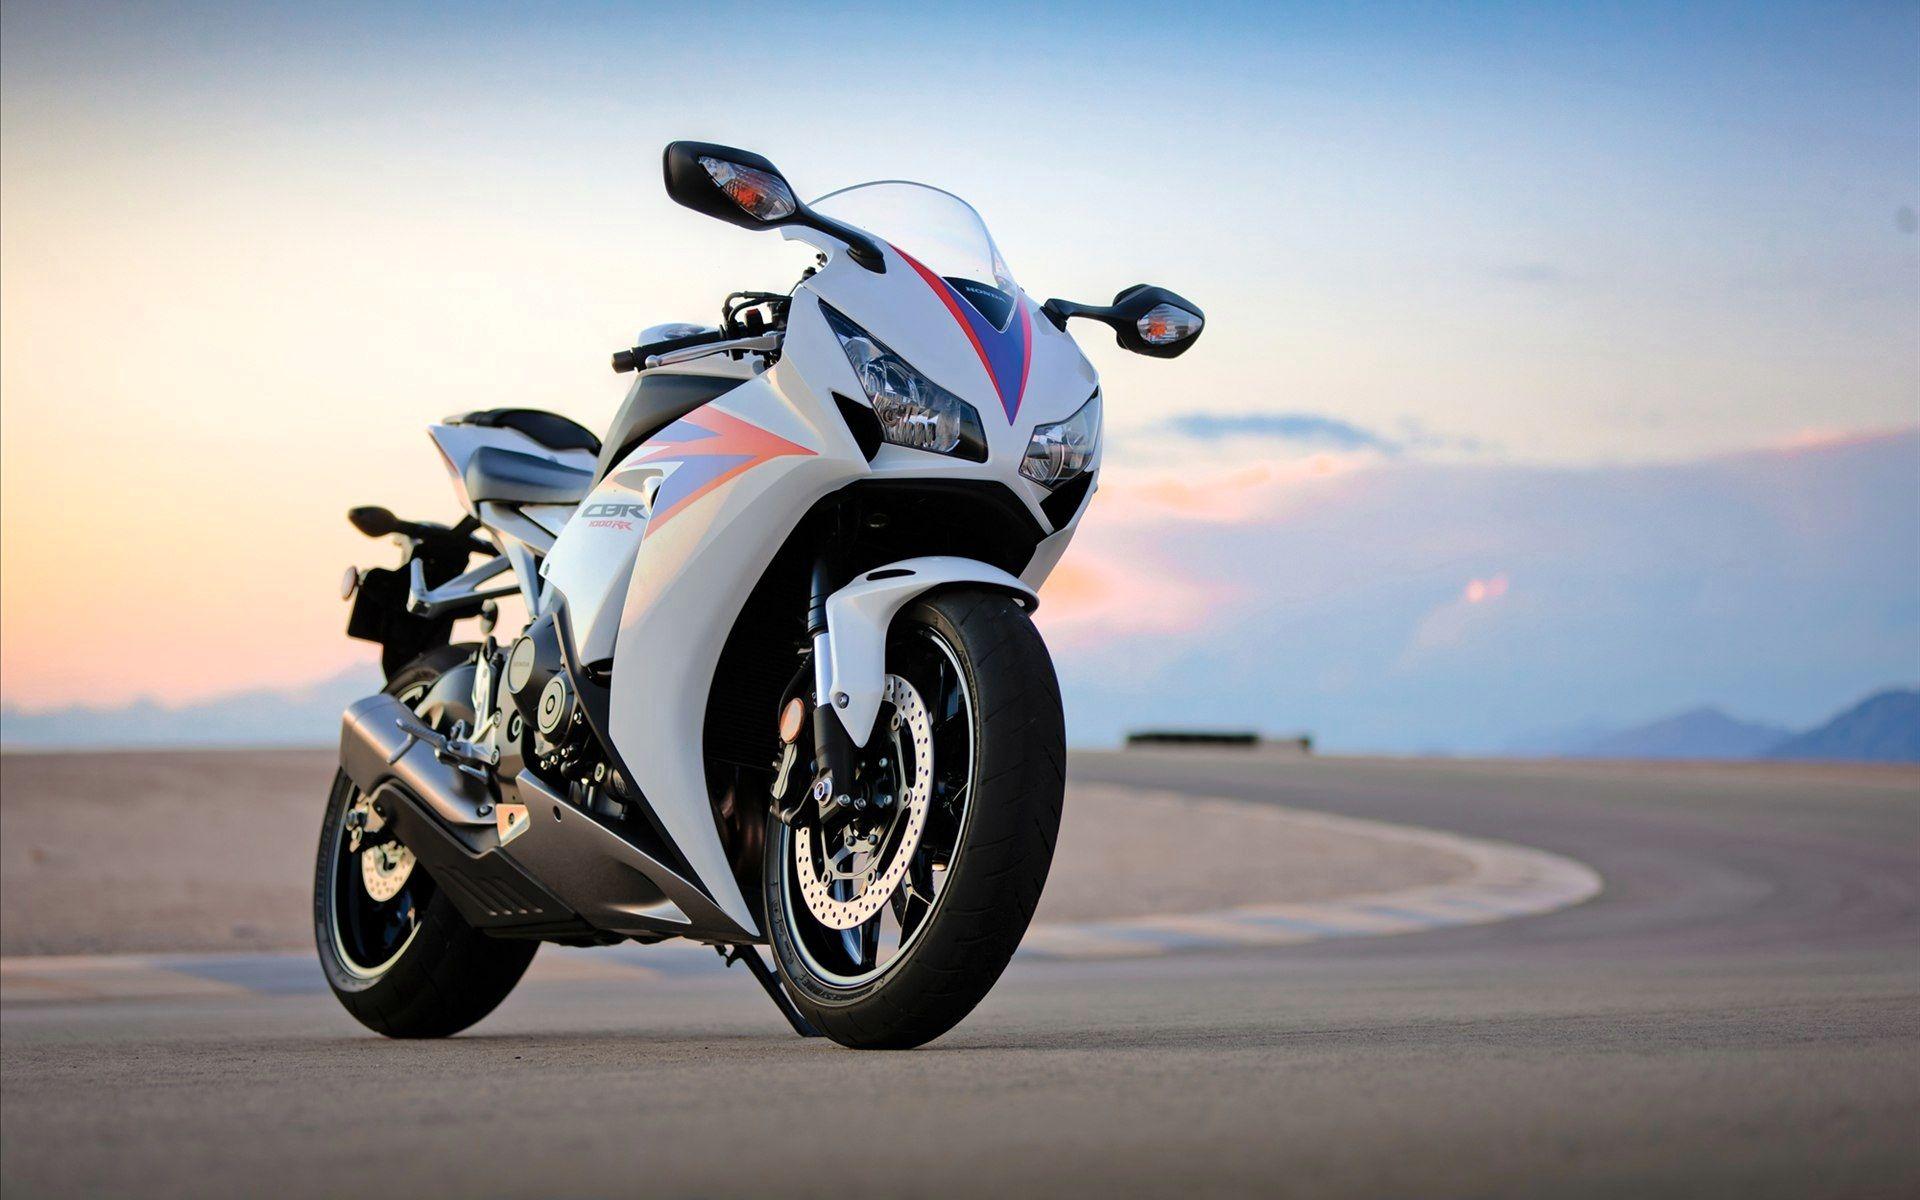 Honda cbr 2014 sports super sports bike photo - Honda Cbr 1000rr 2012 Wide